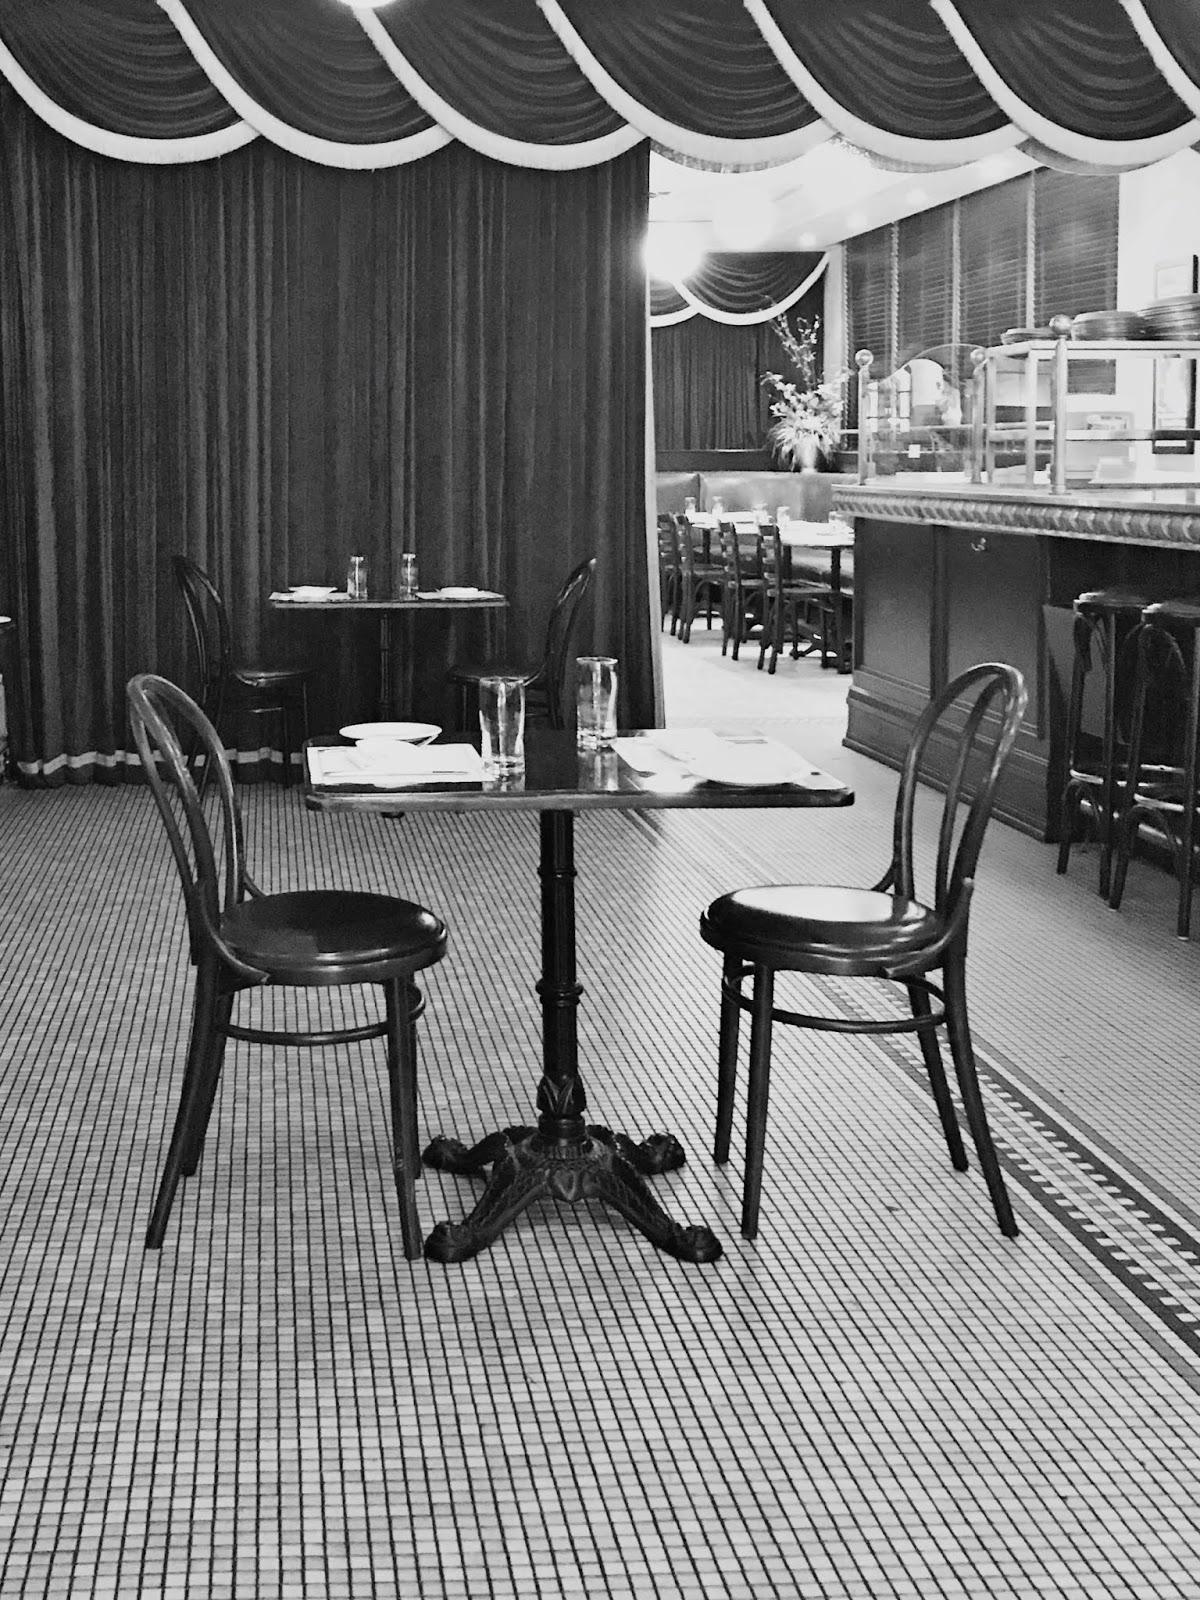 ottawa restaurant, ottawa bistro, ottawa travel